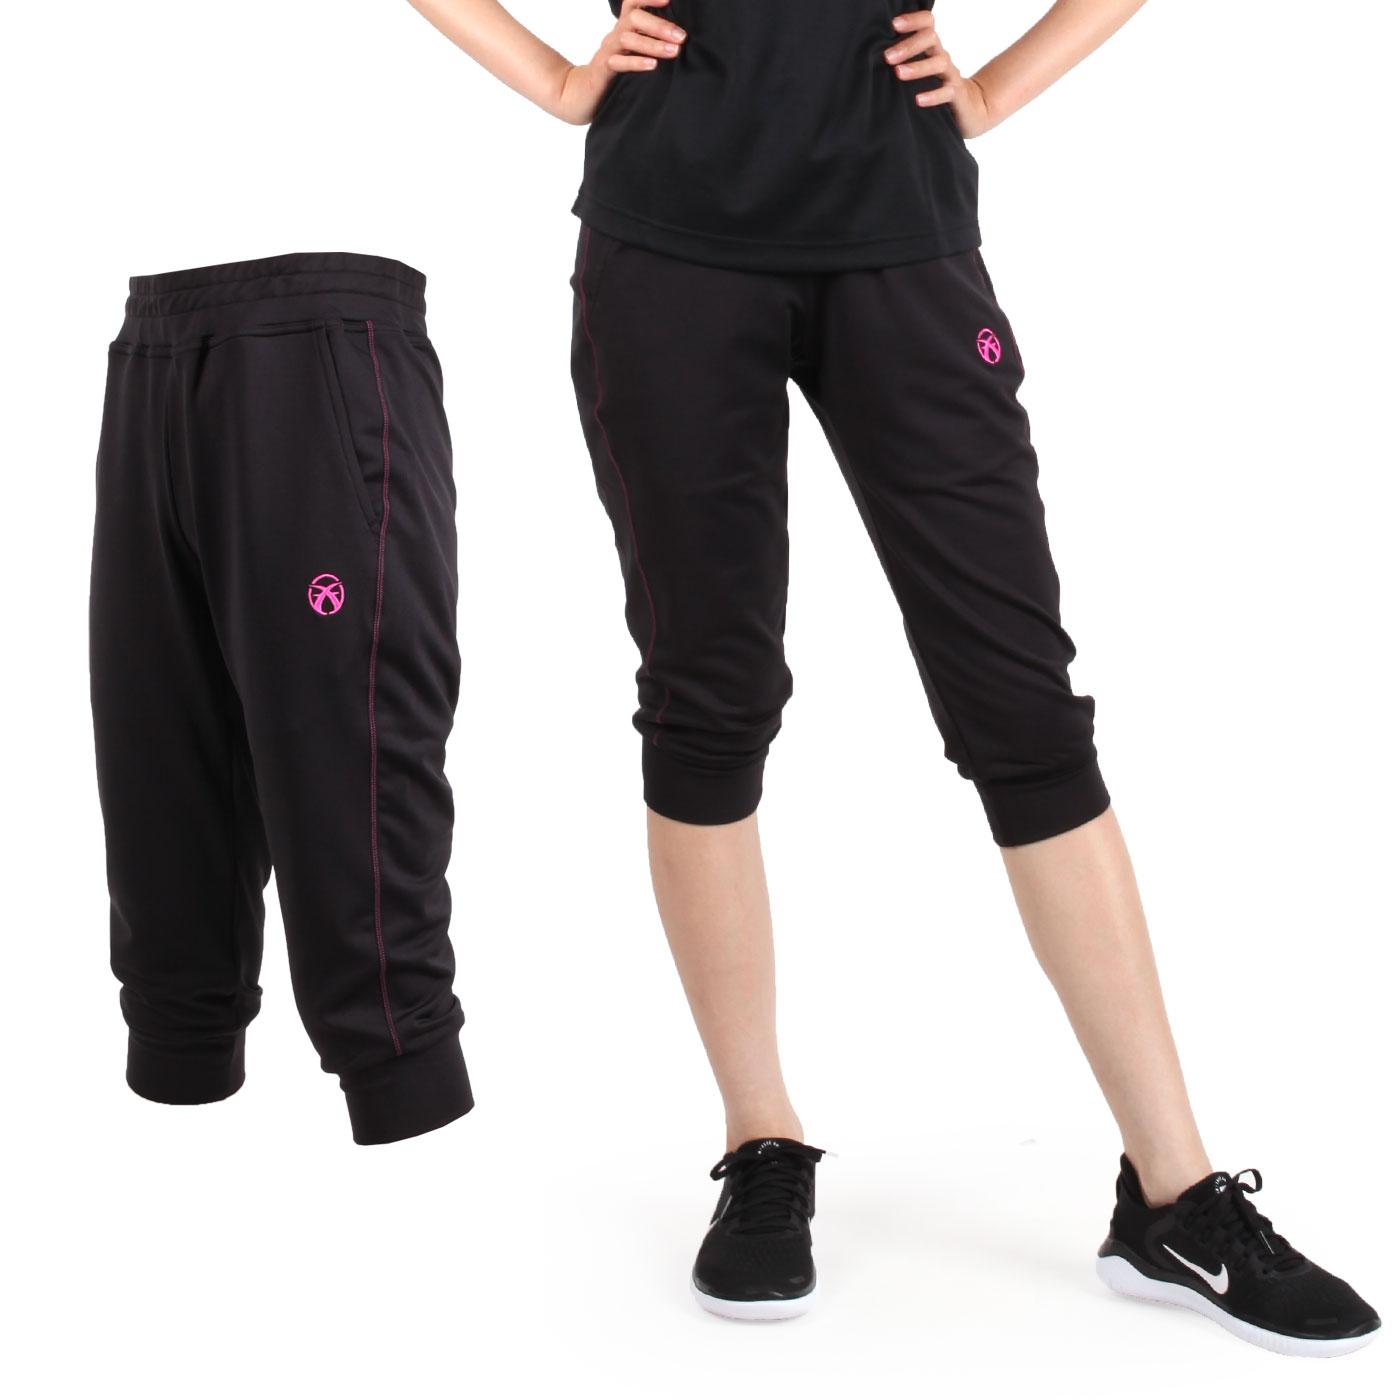 FIRESTAR 女款七分褲 CL828-10 - 粉紅黑